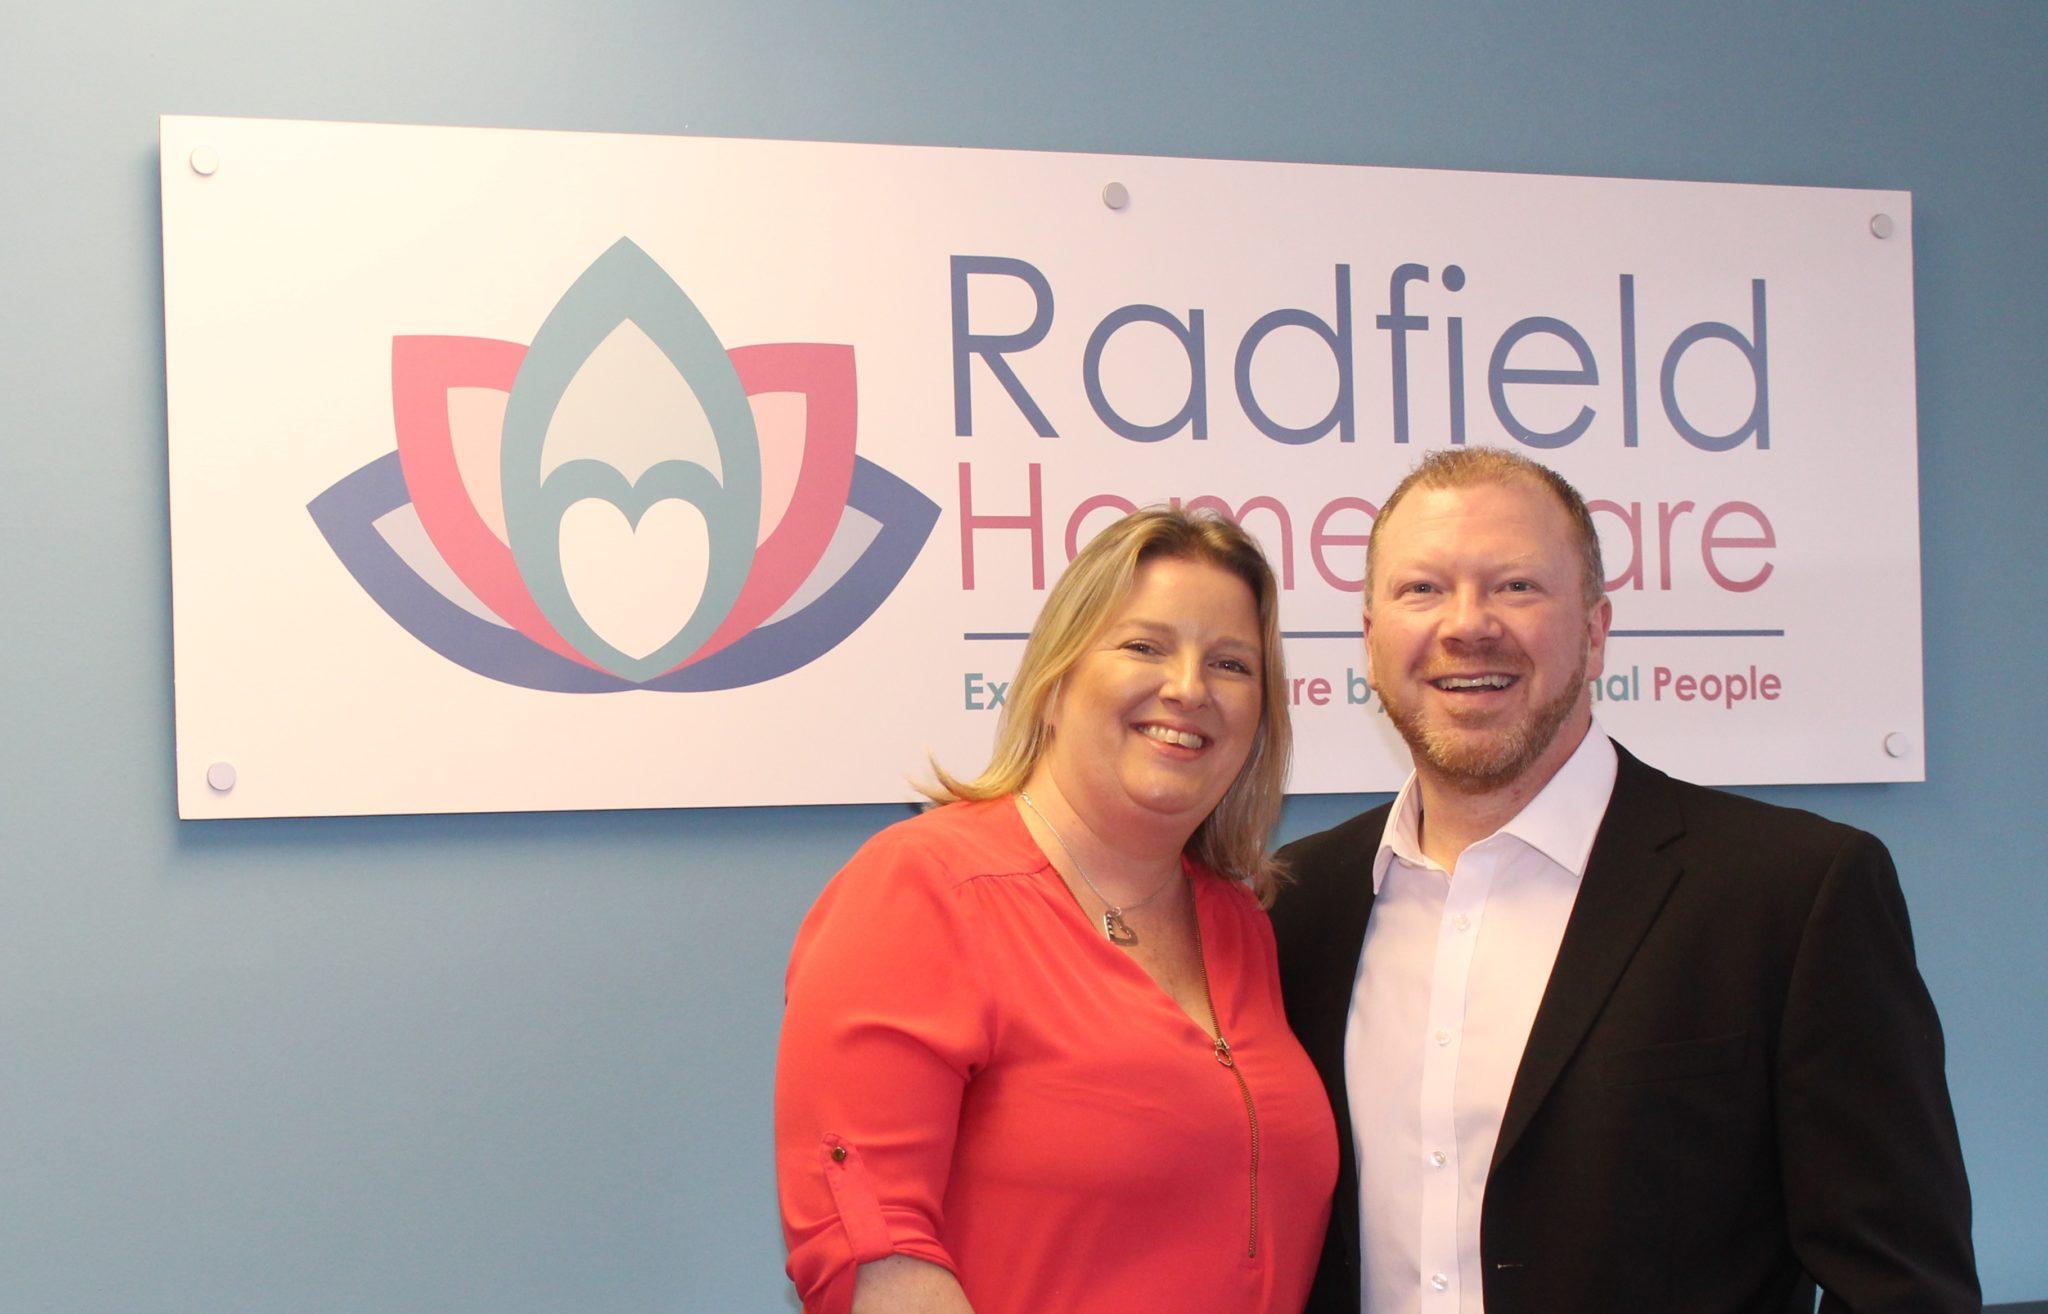 Radfield Derbyshire